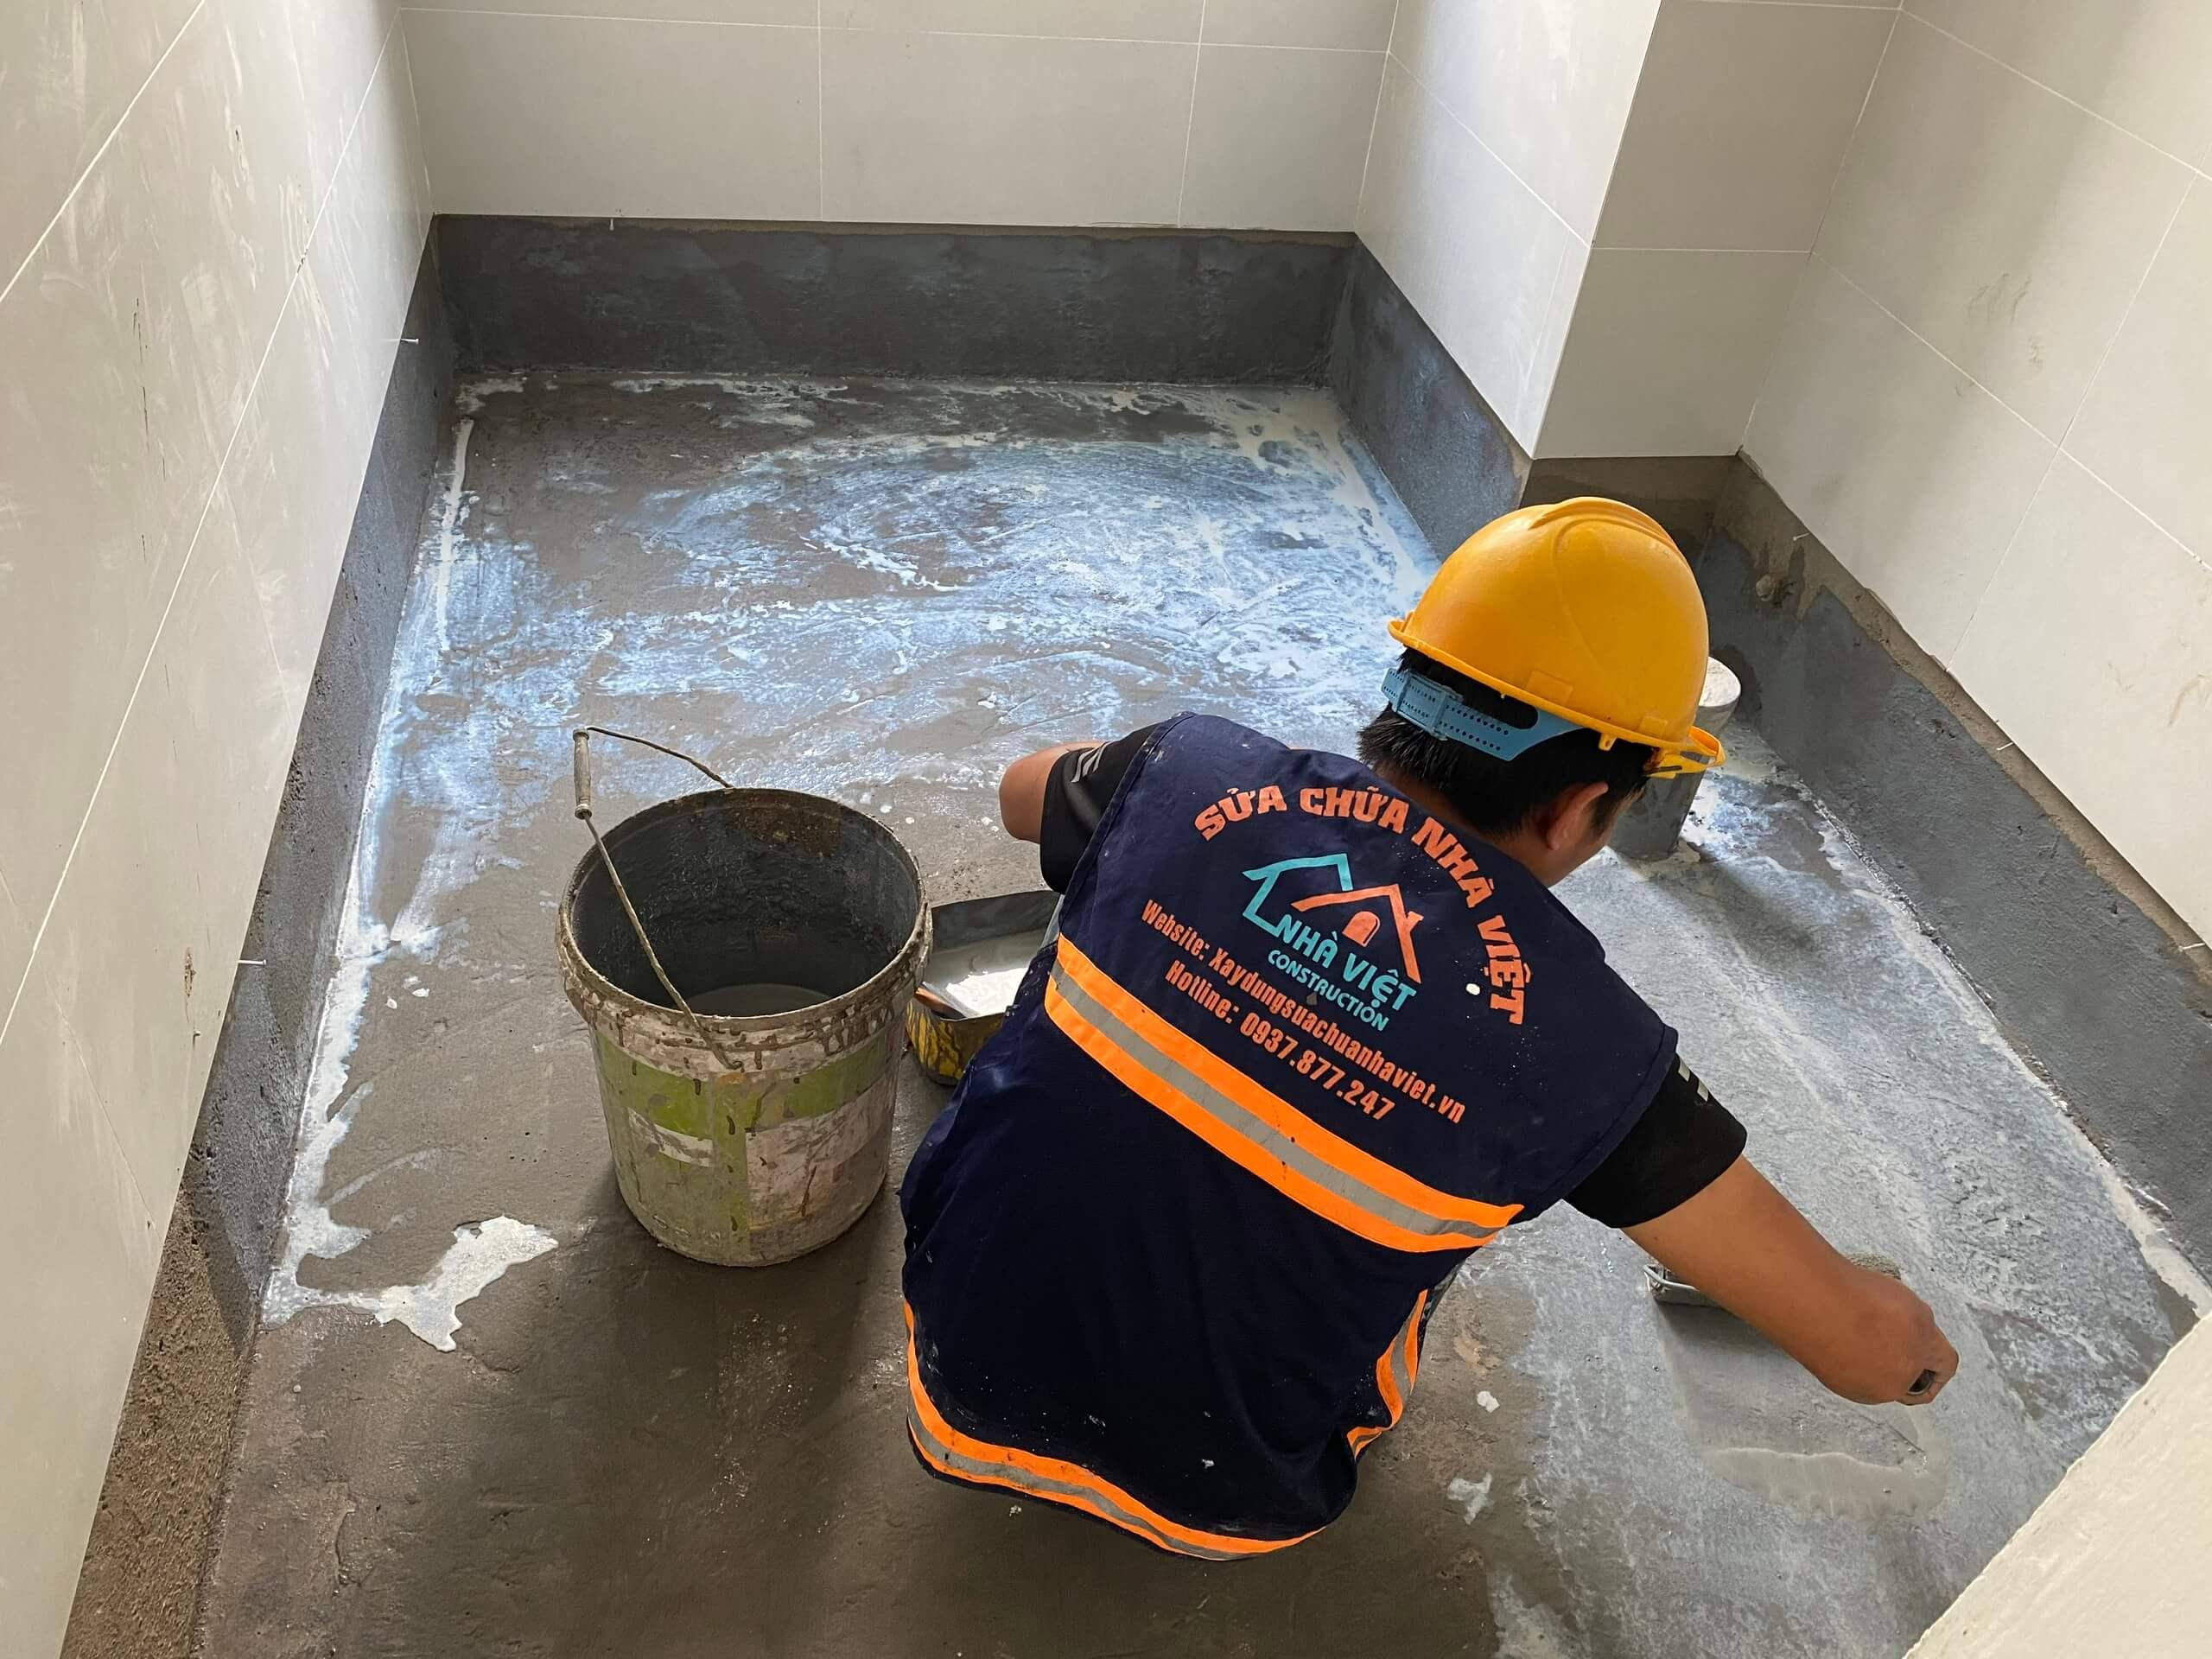 chong tham nha ve sinh chung cu 8 - Chống thấm nhà vệ sinh chung cư uy tín nhất Hồ Chí Minh